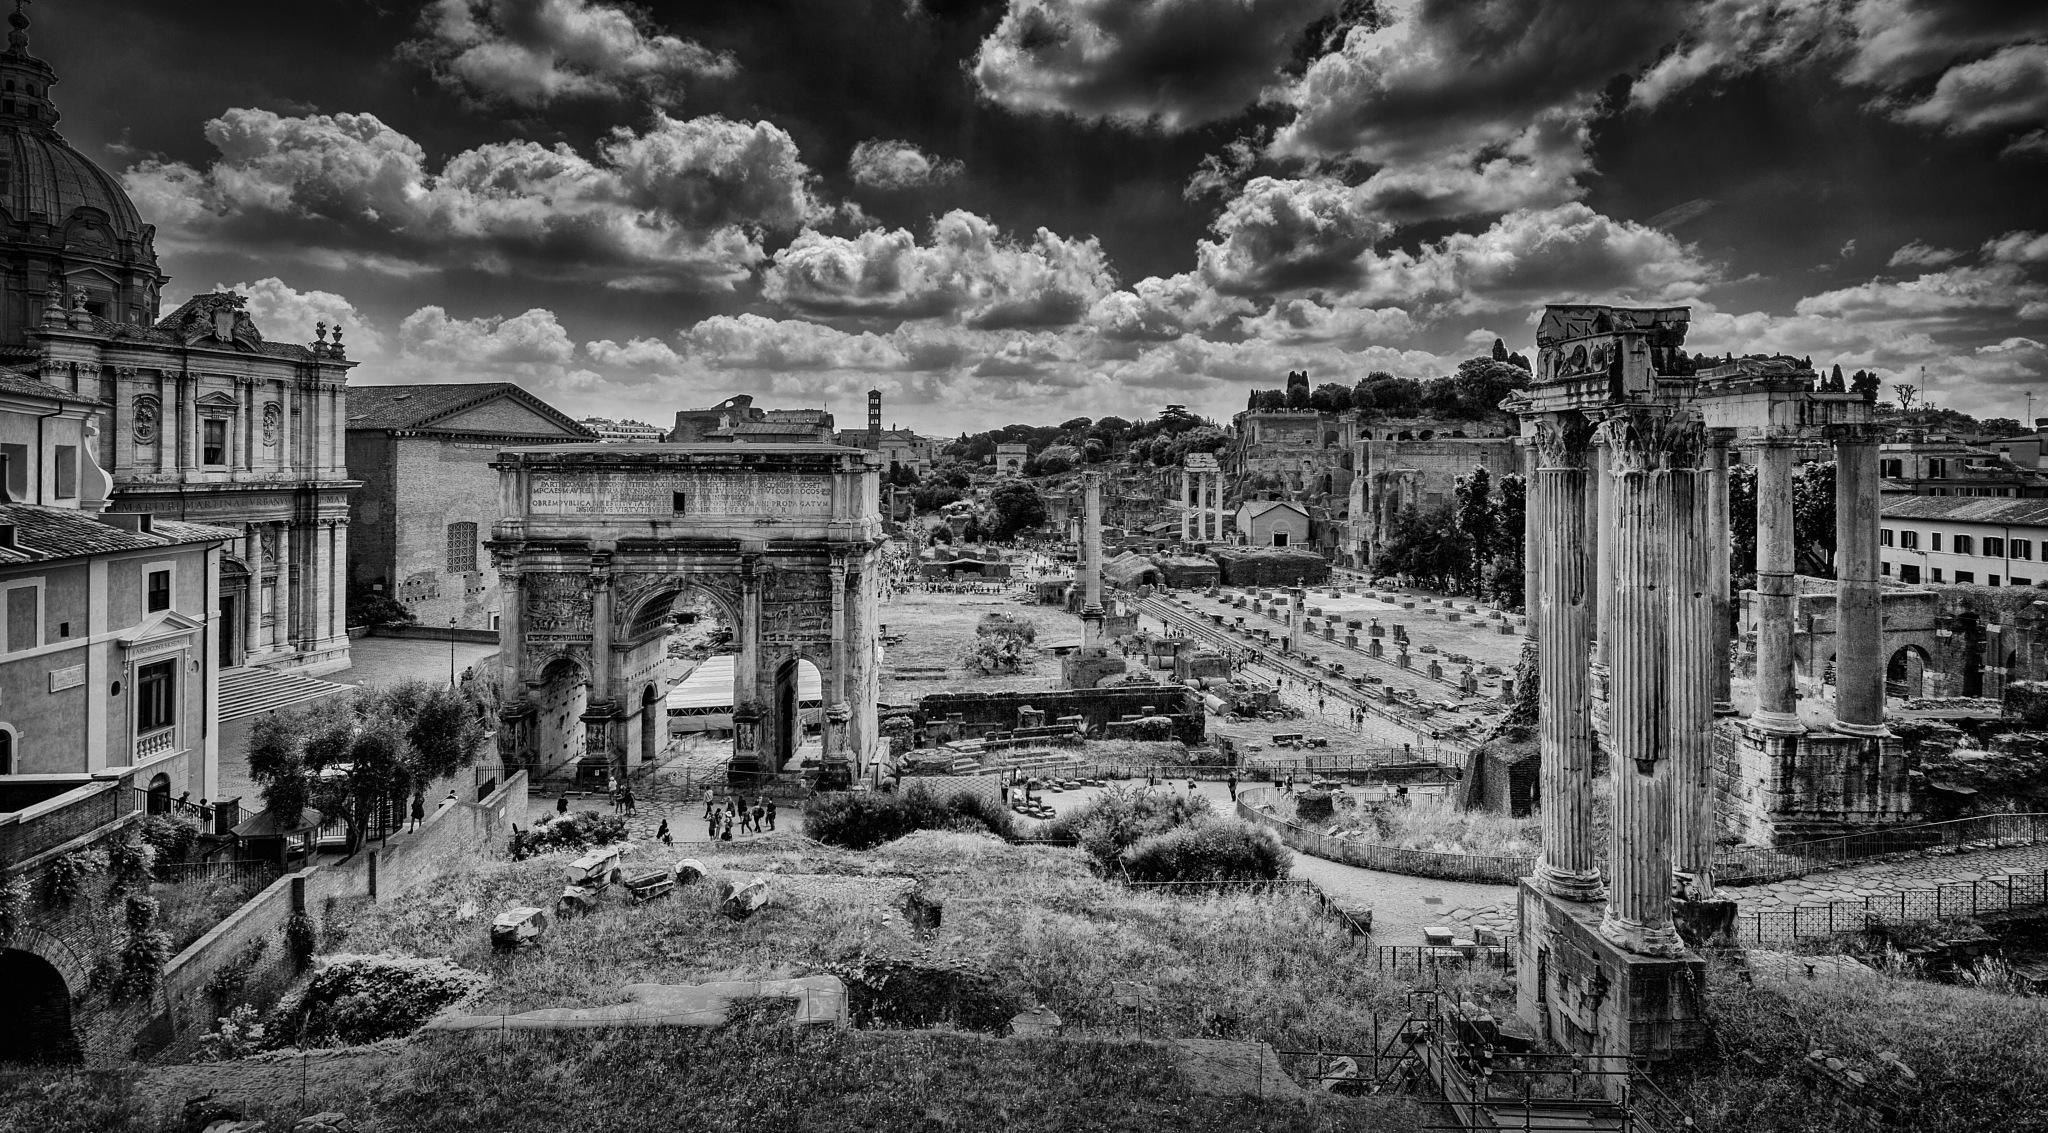 Forum Romanum IV by stevankordic